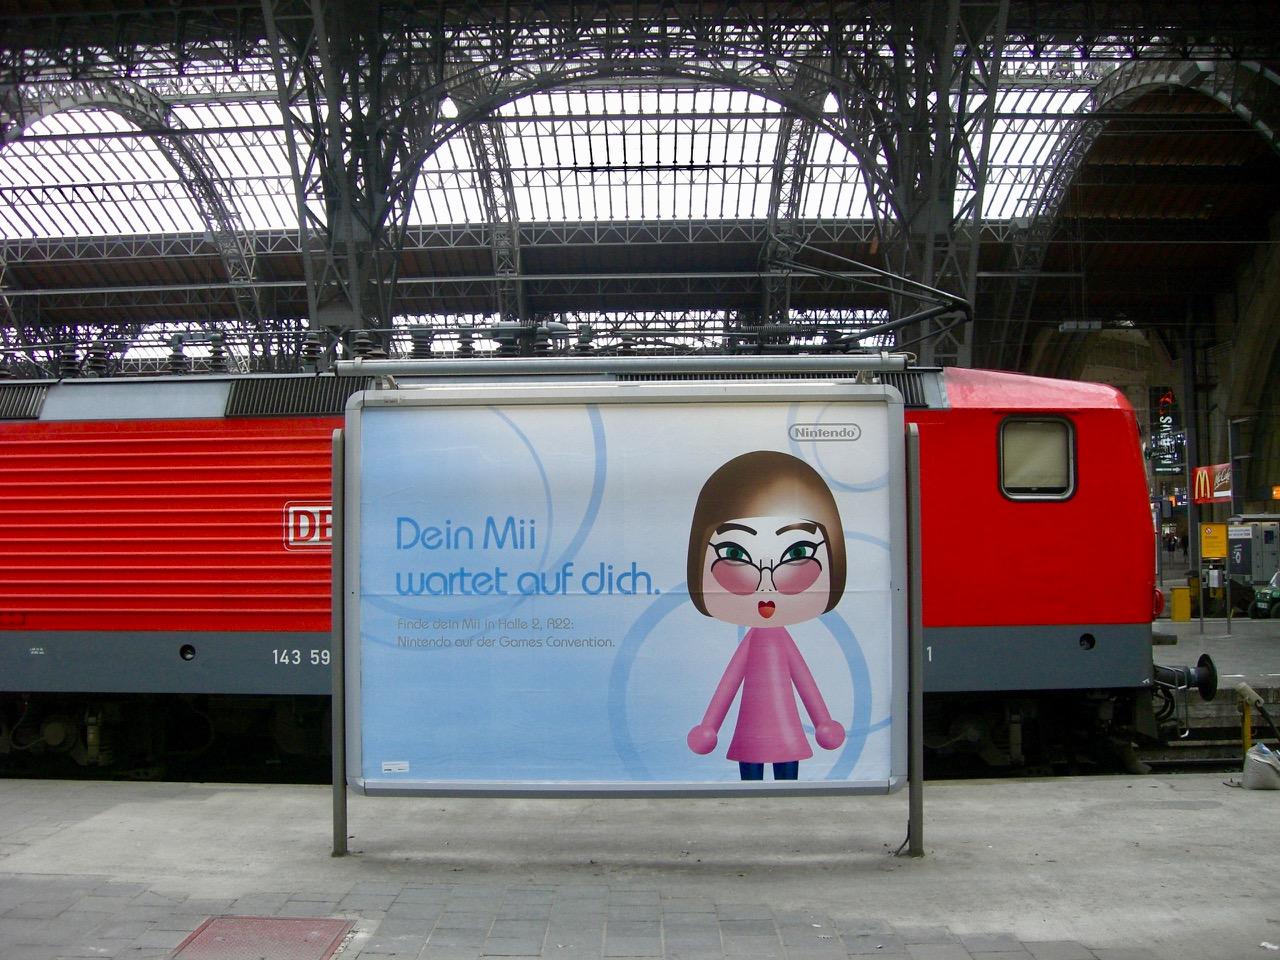 """""""Dein Mii wartet auf dich."""" - Werbung von Nintendo im Hauptbahnhof Leipzig. (Bild: André Eymann)"""